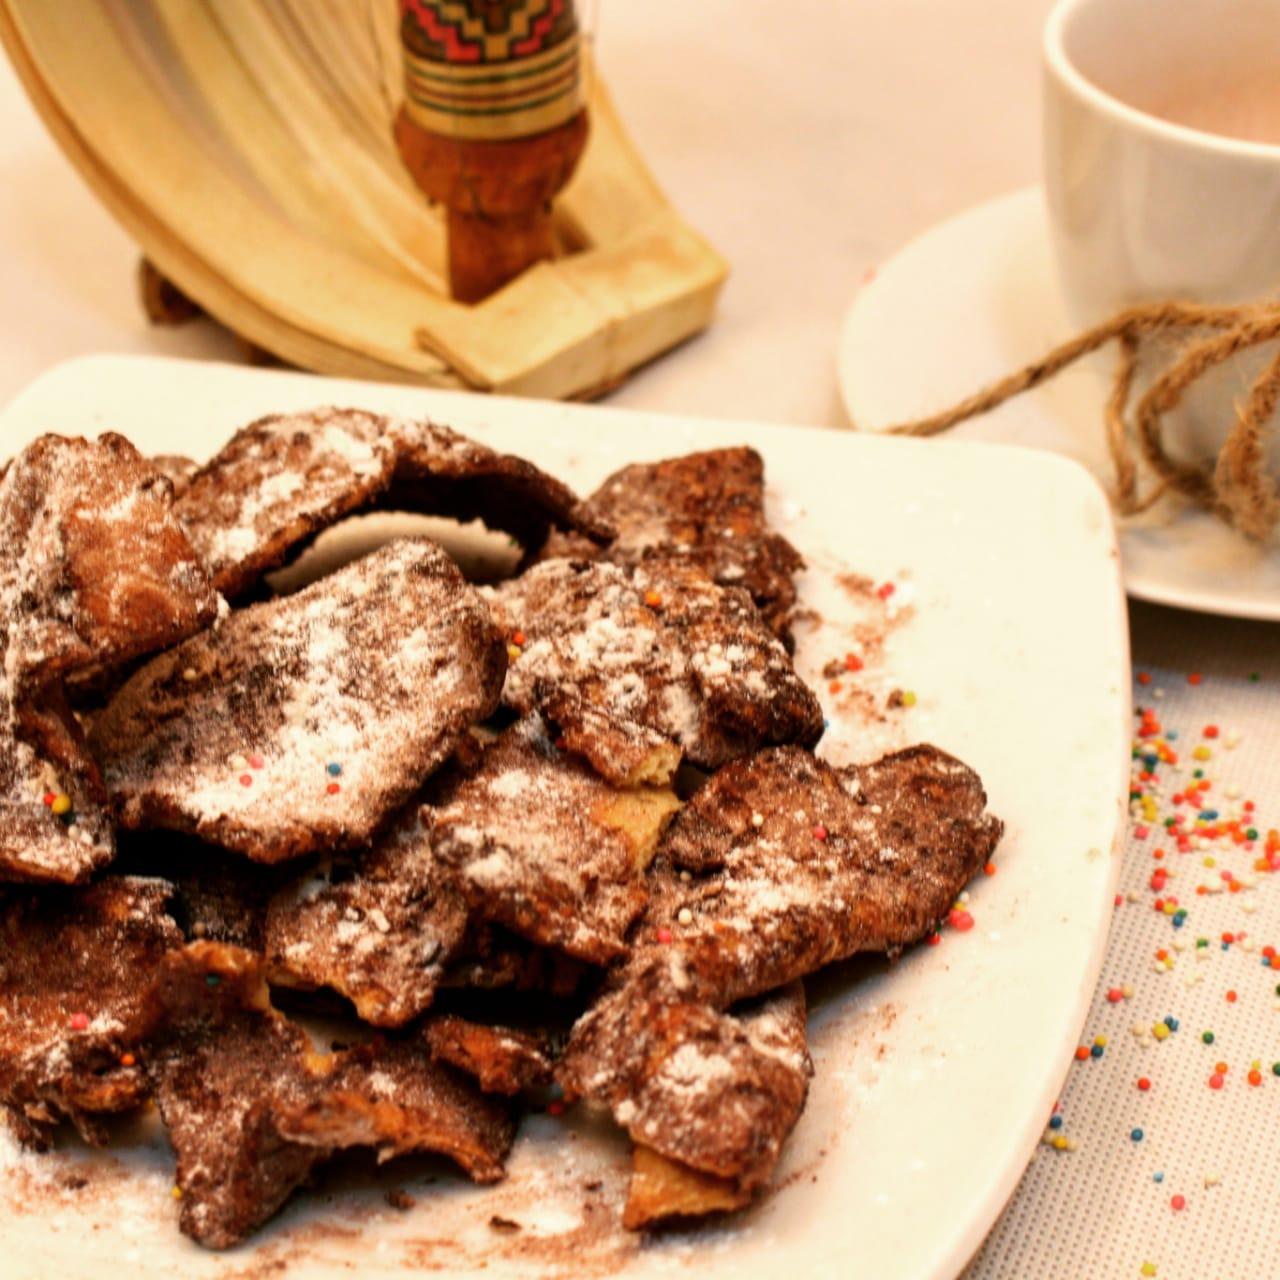 Pikyeum Maranti - Pelopor Keripik Peuyeum Bandung varian rasa coklat